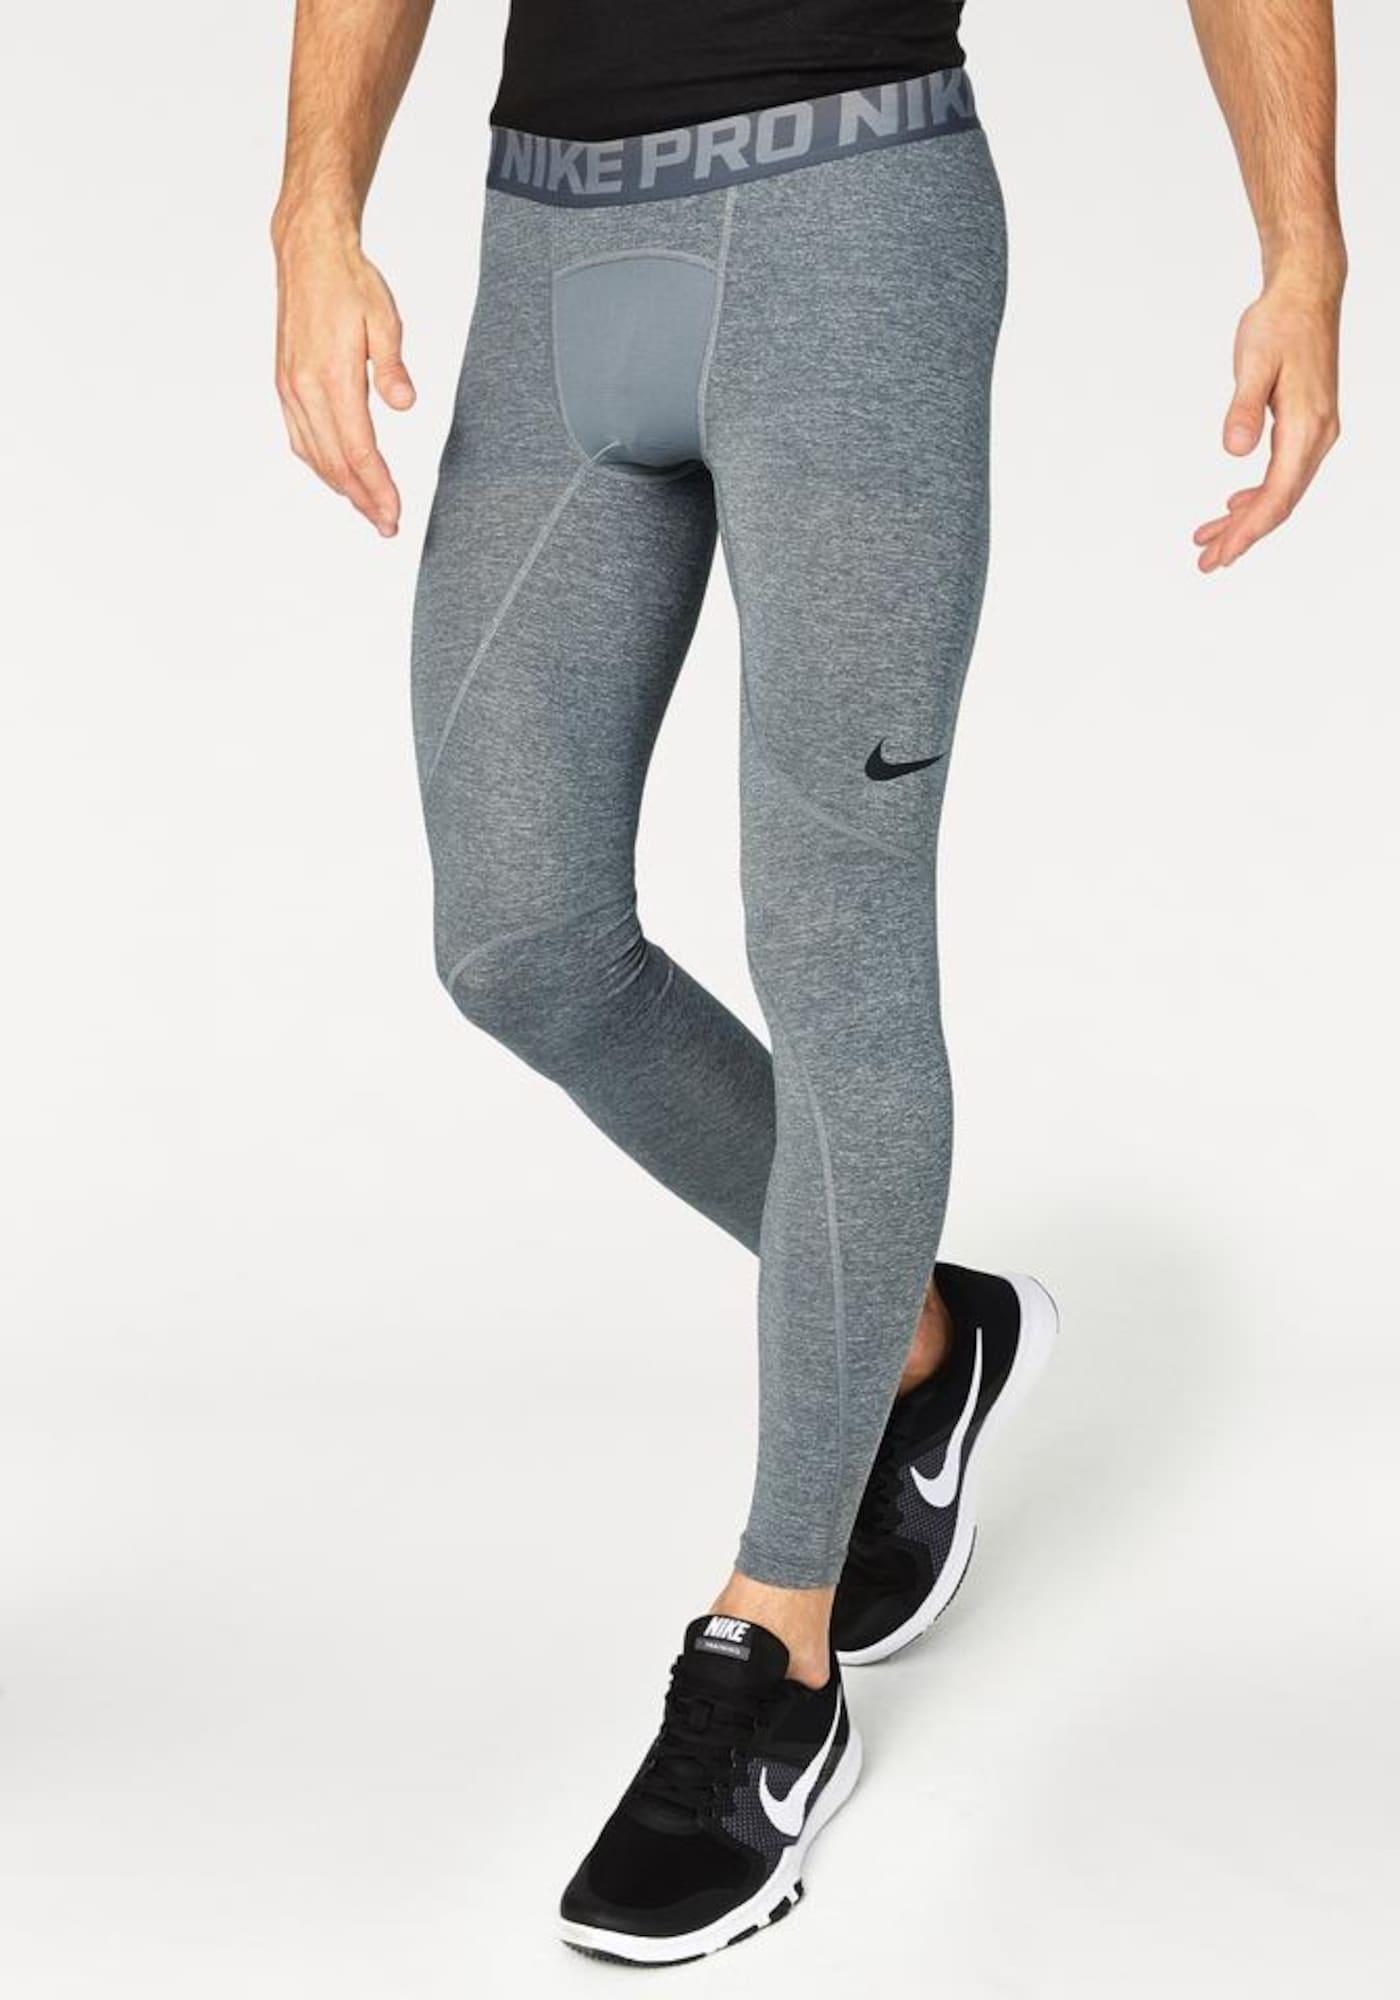 Sportovní kalhoty M PRO TIGHT šedá NIKE